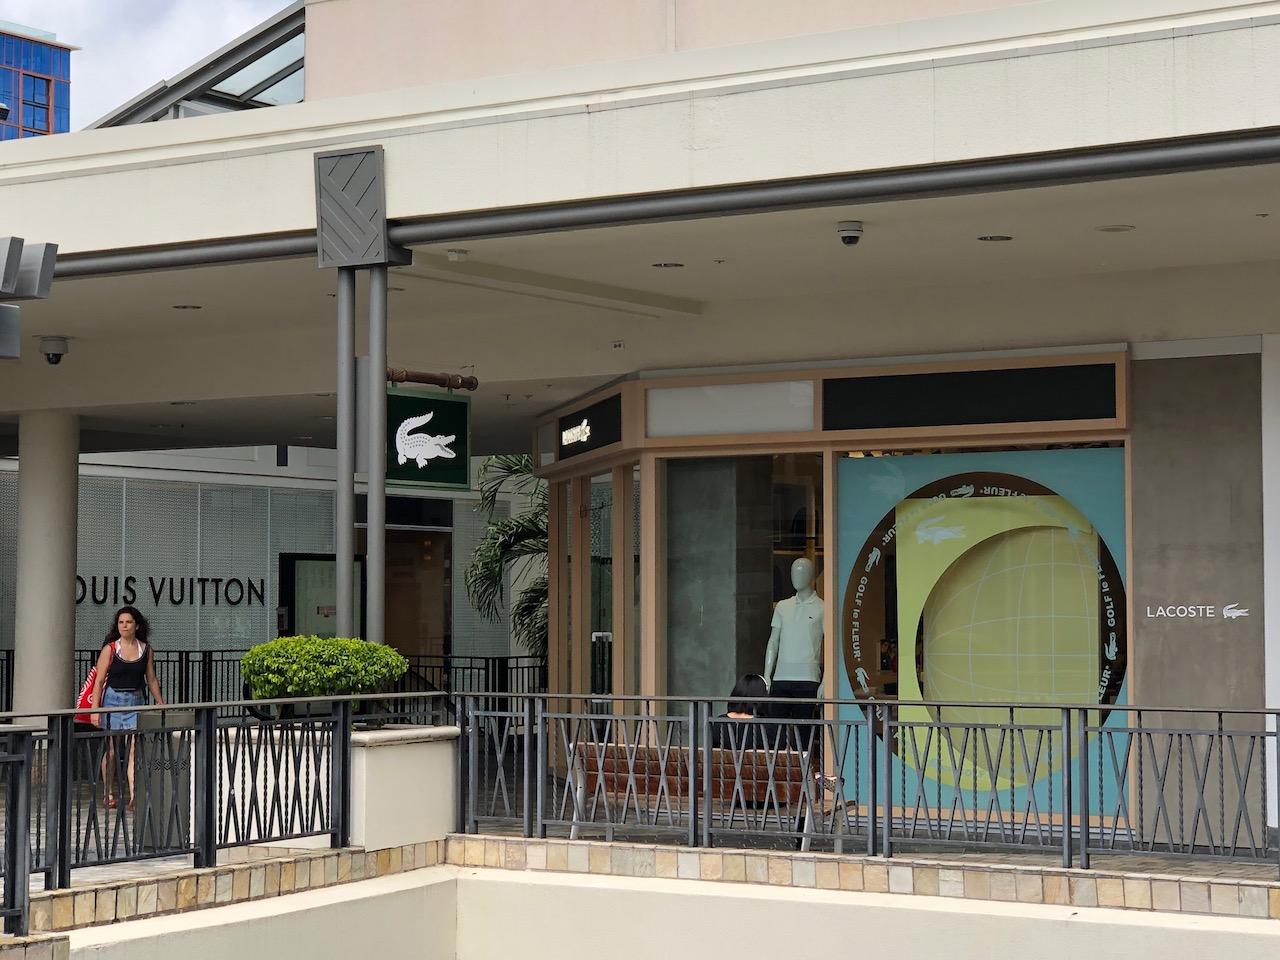 アラモアナセンター|ラコステなど有名ブランドのショップが入る